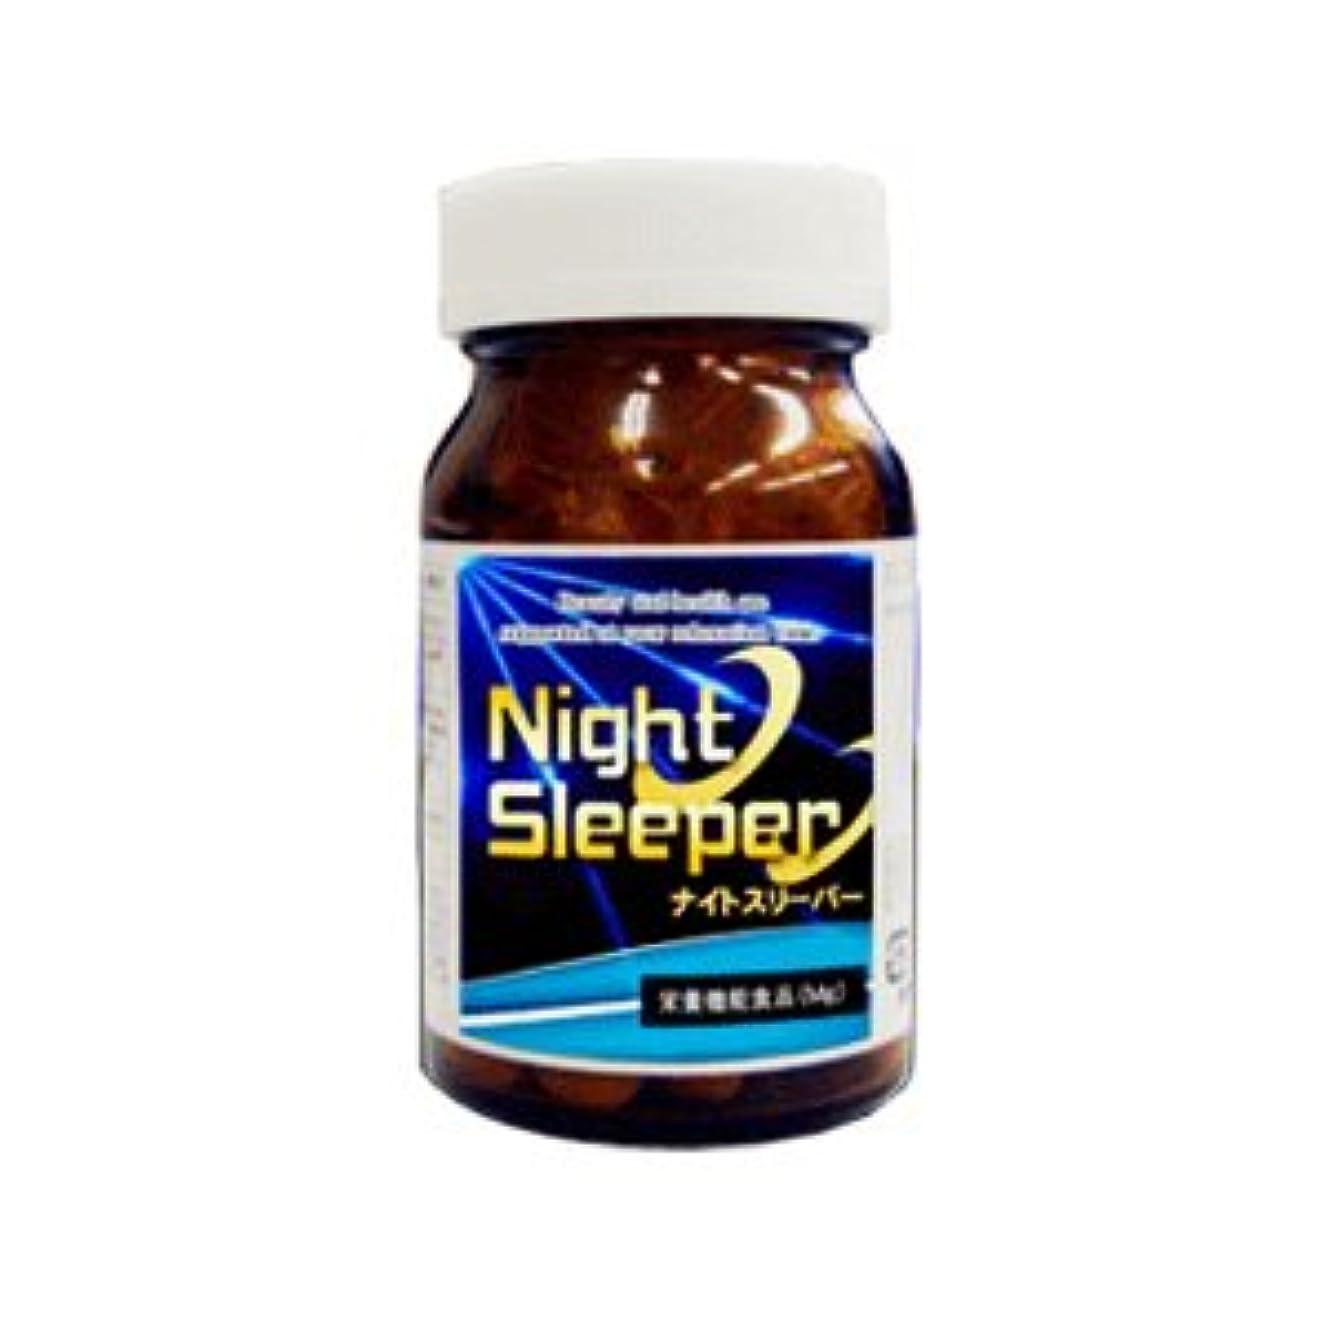 意志略す旅行代理店ナイトスリーパー nightsleeper